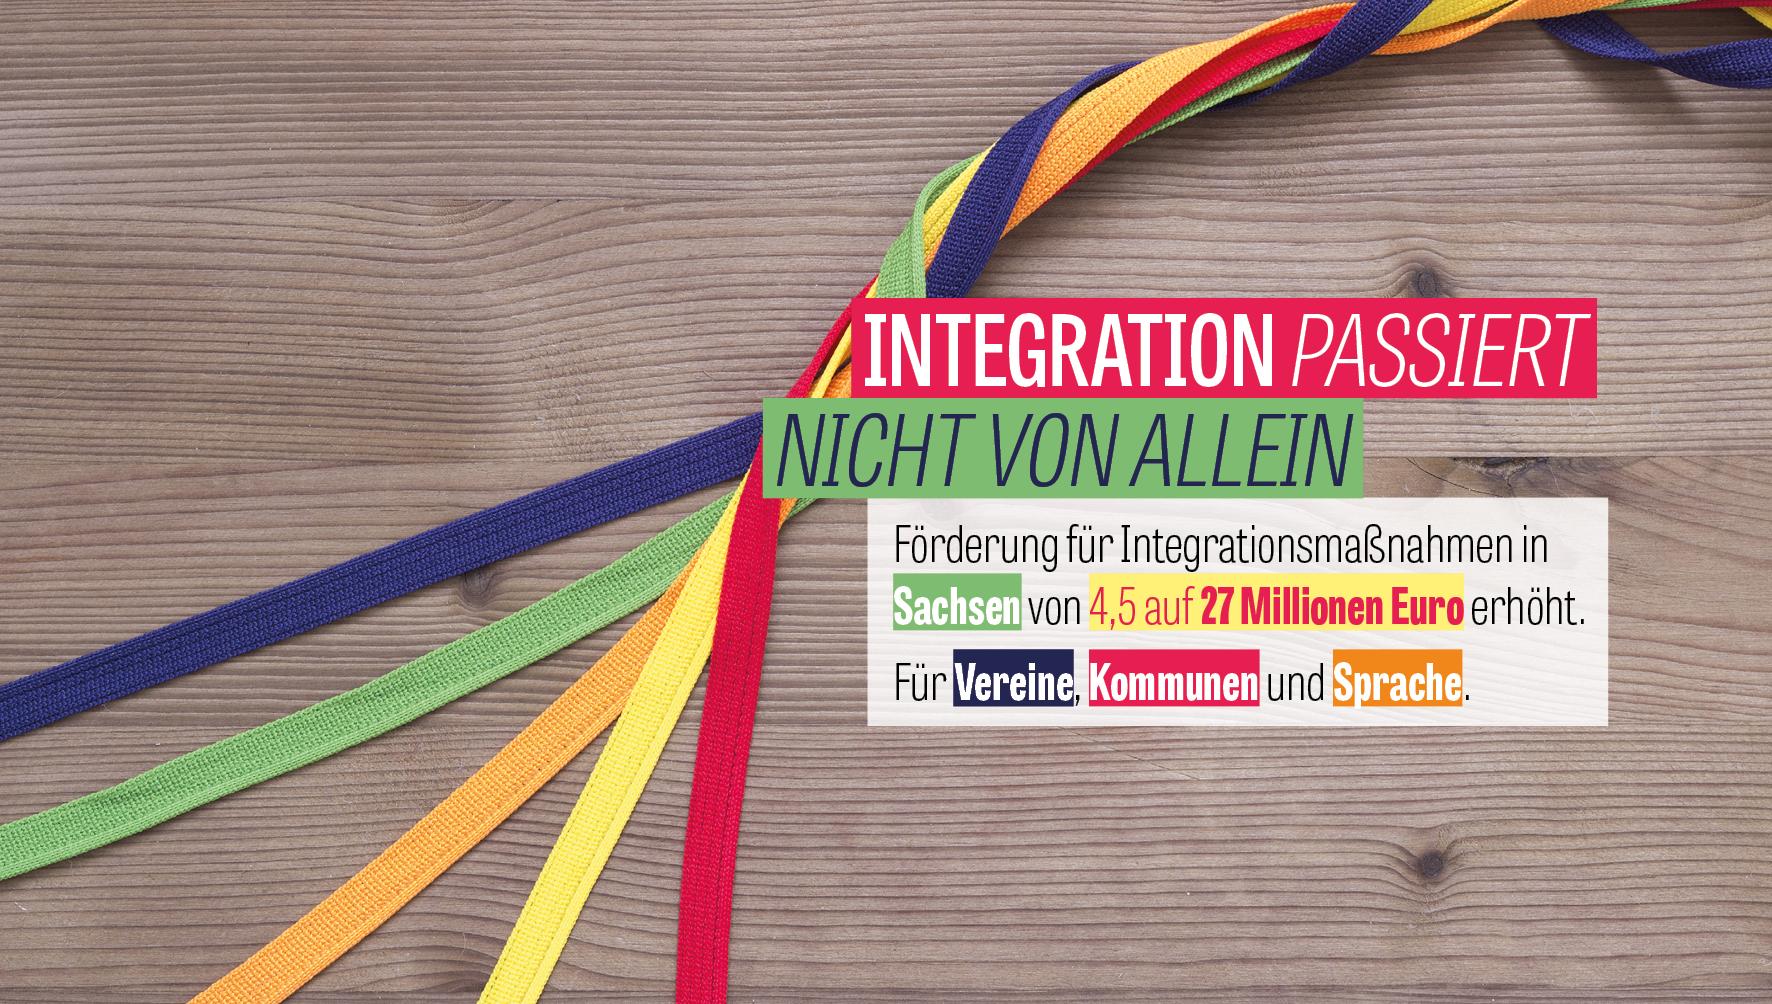 Integration passiert nicht von allein